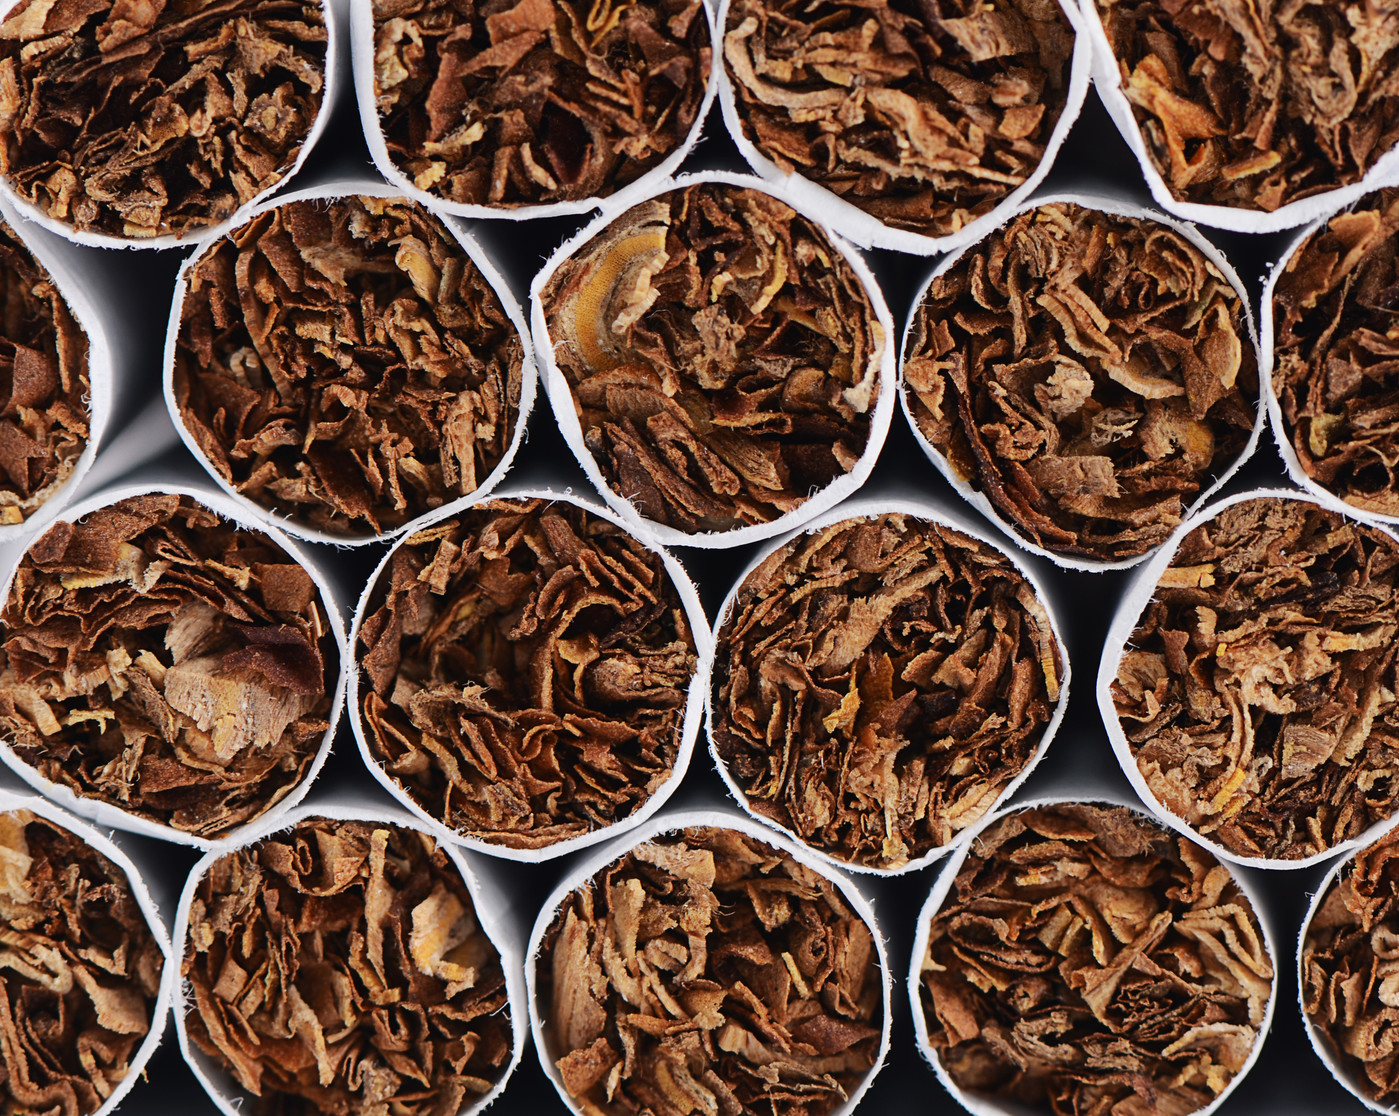 Decouvrez-principaux-chiffres-tabac-Francenos-infographies_0_1400_1116